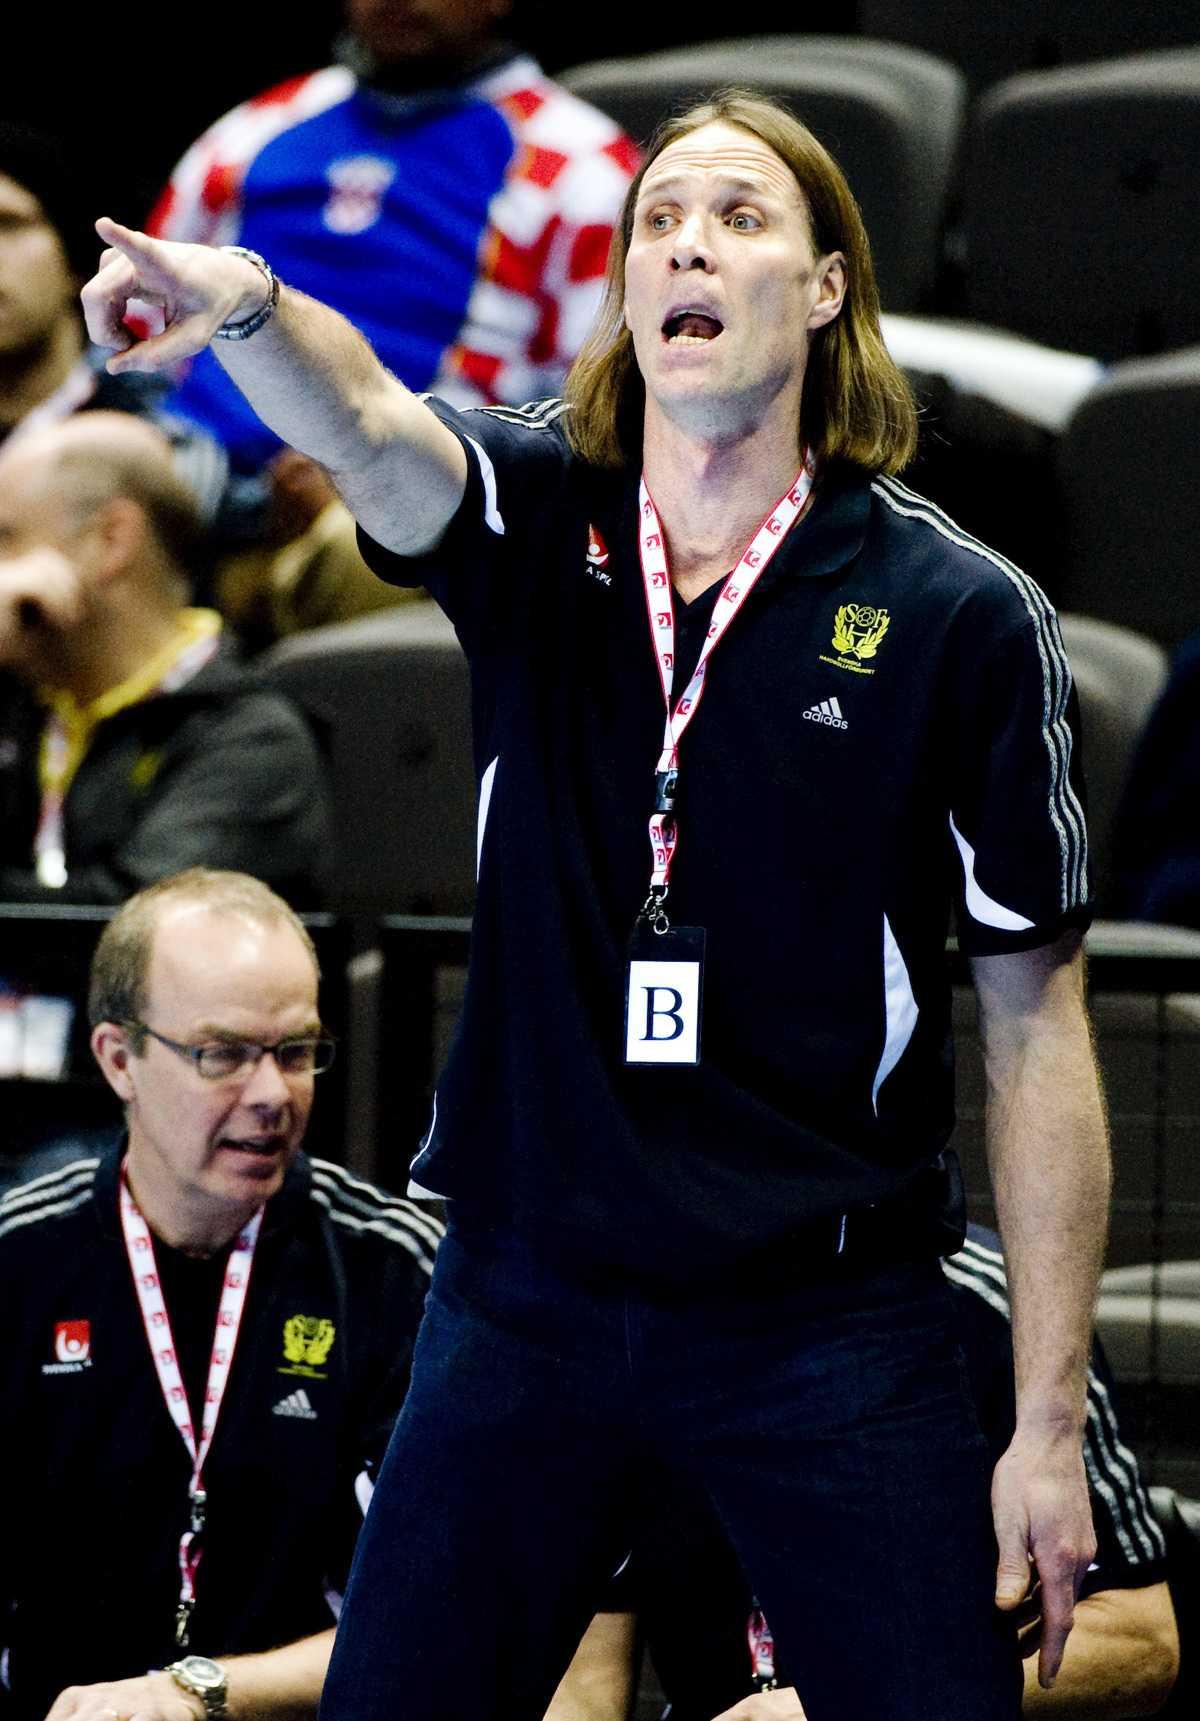 Tyska miljardären Dietmar Hopp försöker locka Sveriges förbundskapten Staffan Olsson till tyska storlaget RNL. Olsson har fått ett kontrakt att ta ställning till.